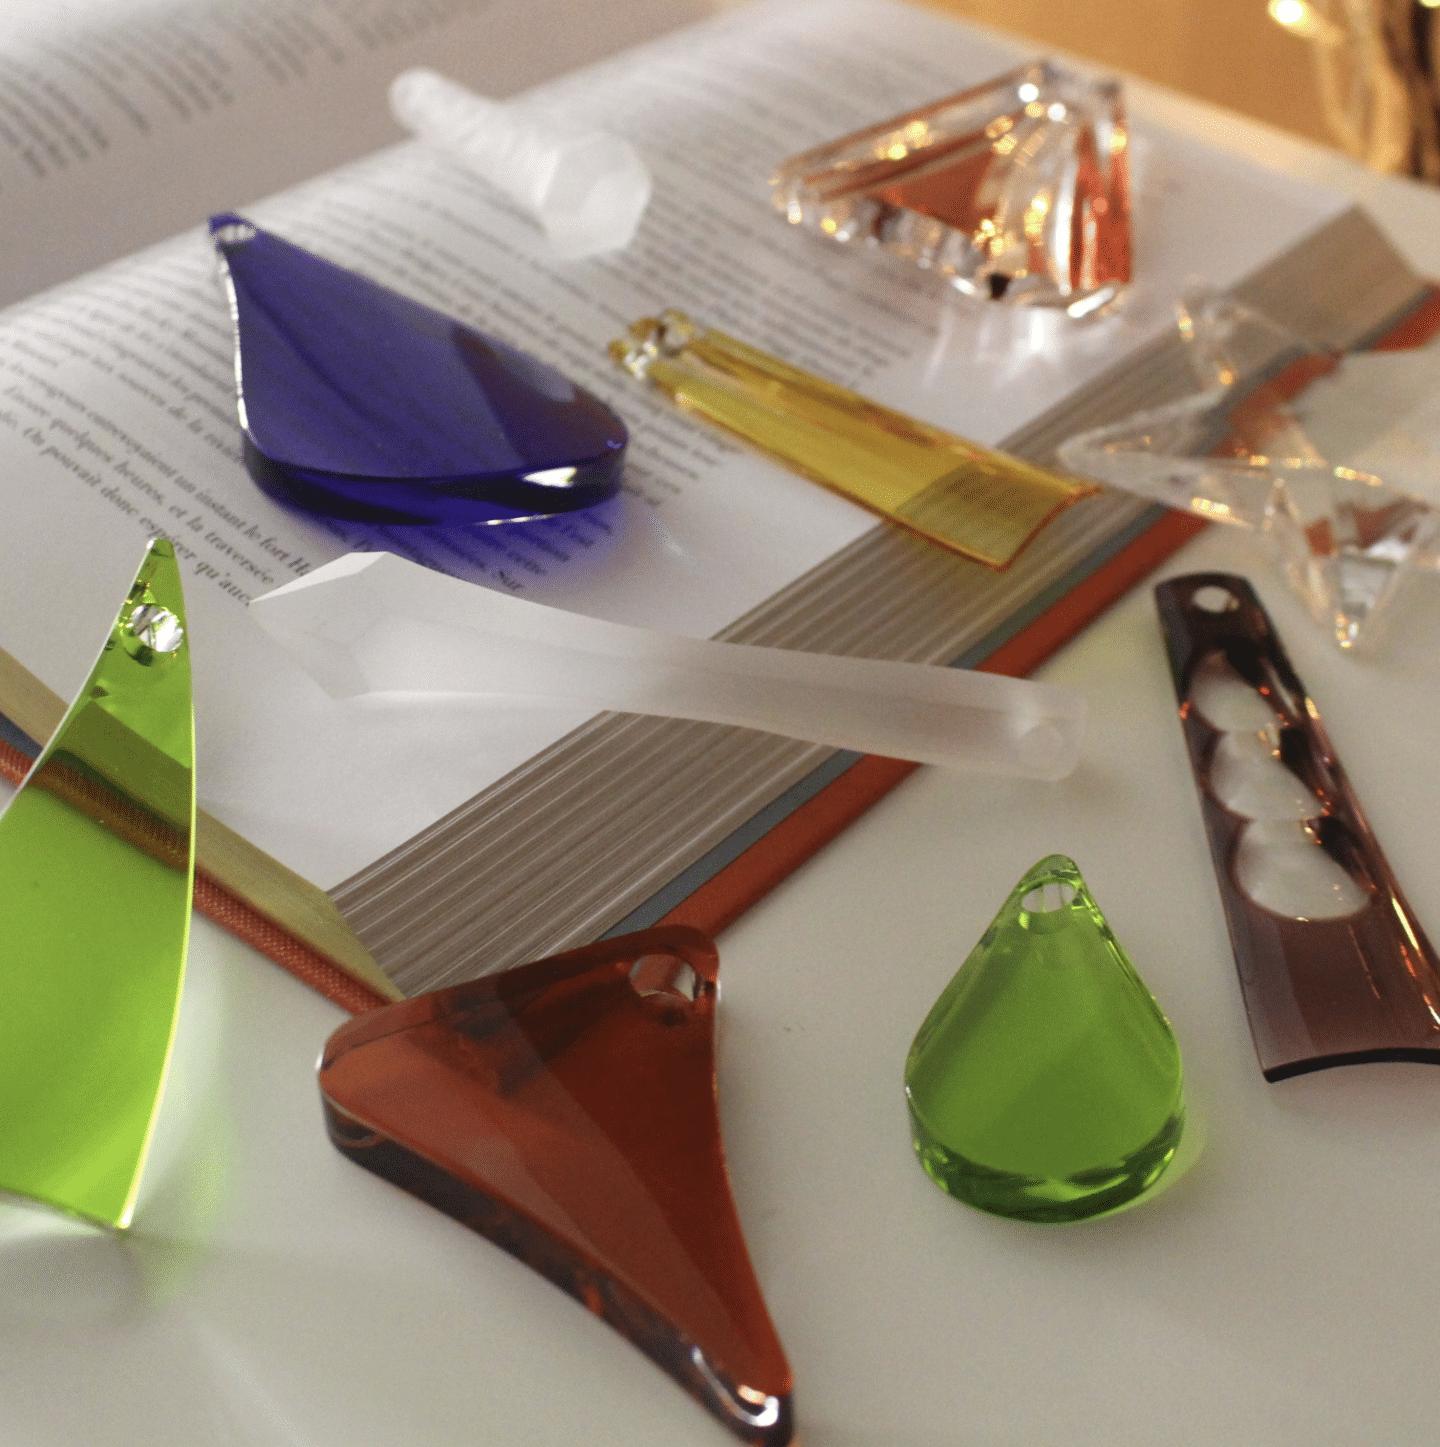 deco de noel verre coloré artisanat travail artisanal